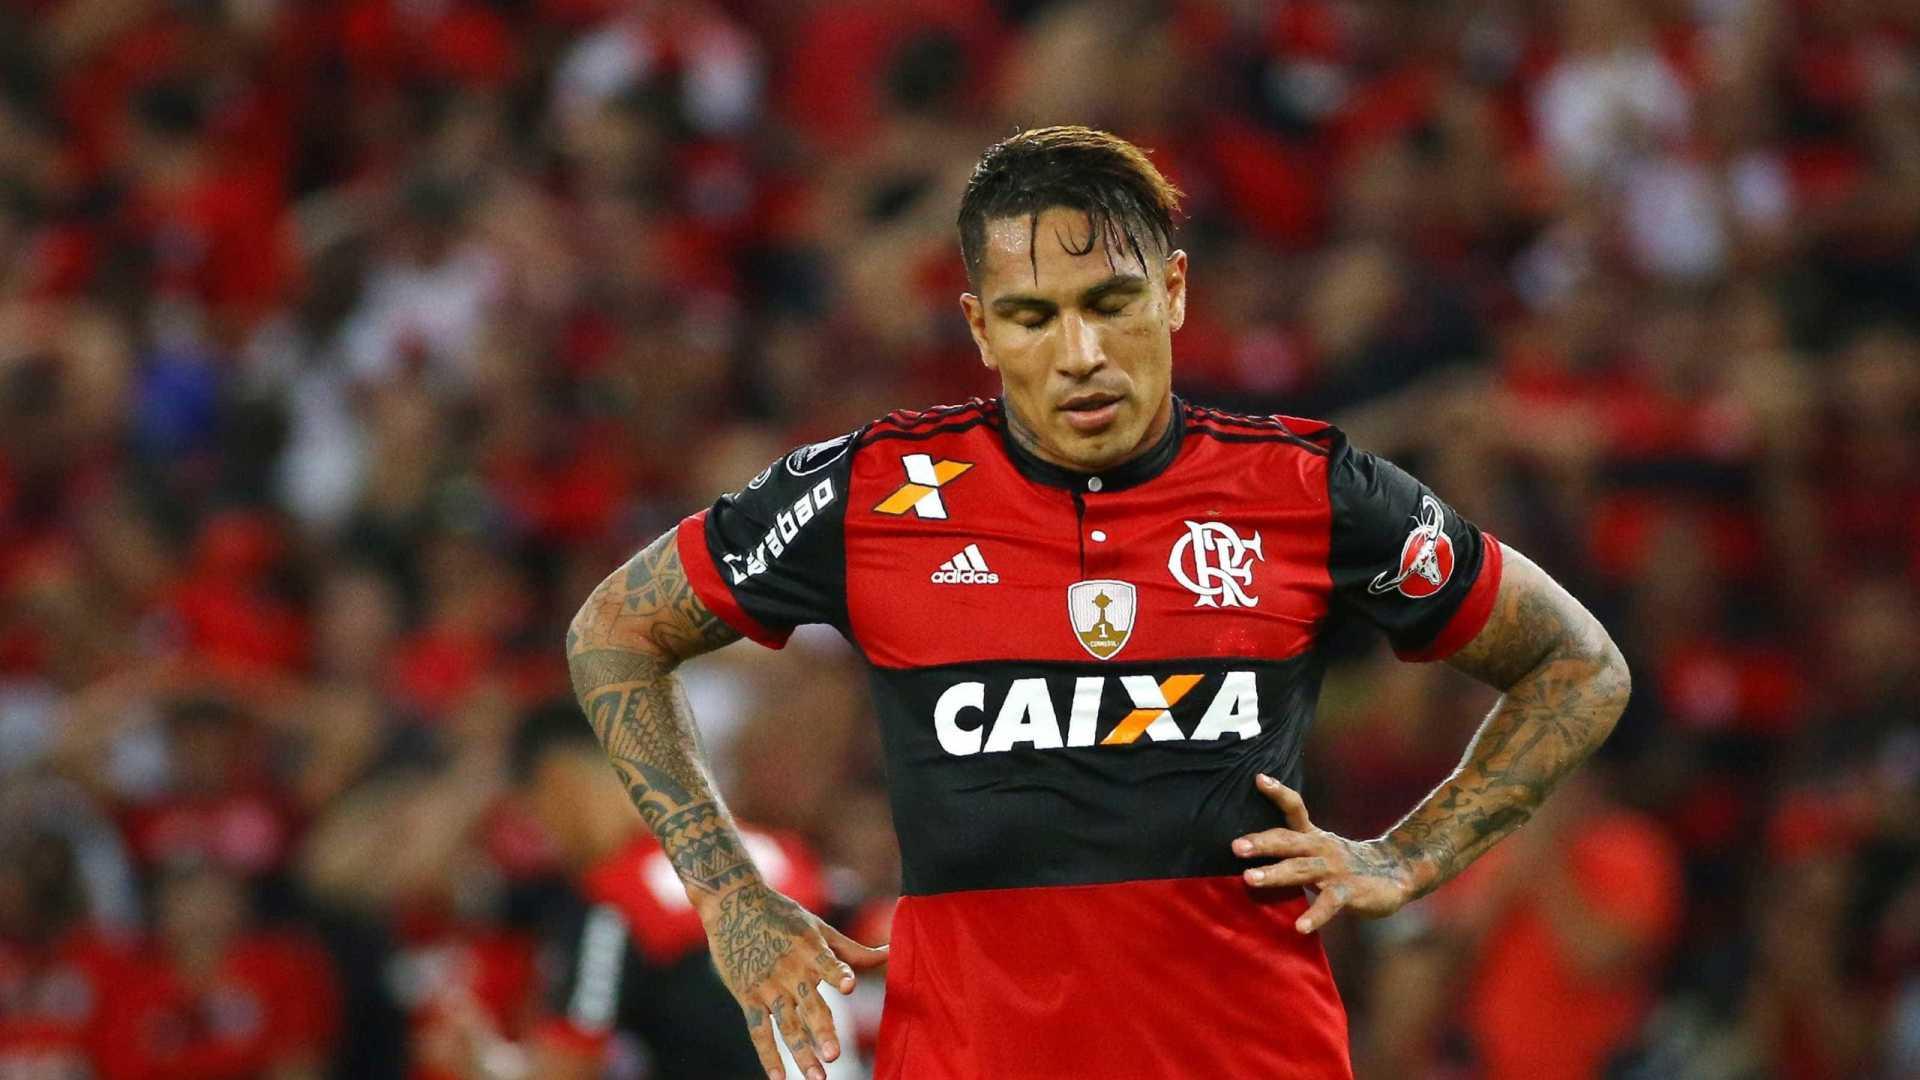 paolo guerrero - Fifa volta atrás e pede pela ampliação da punição de Paolo Guerrero